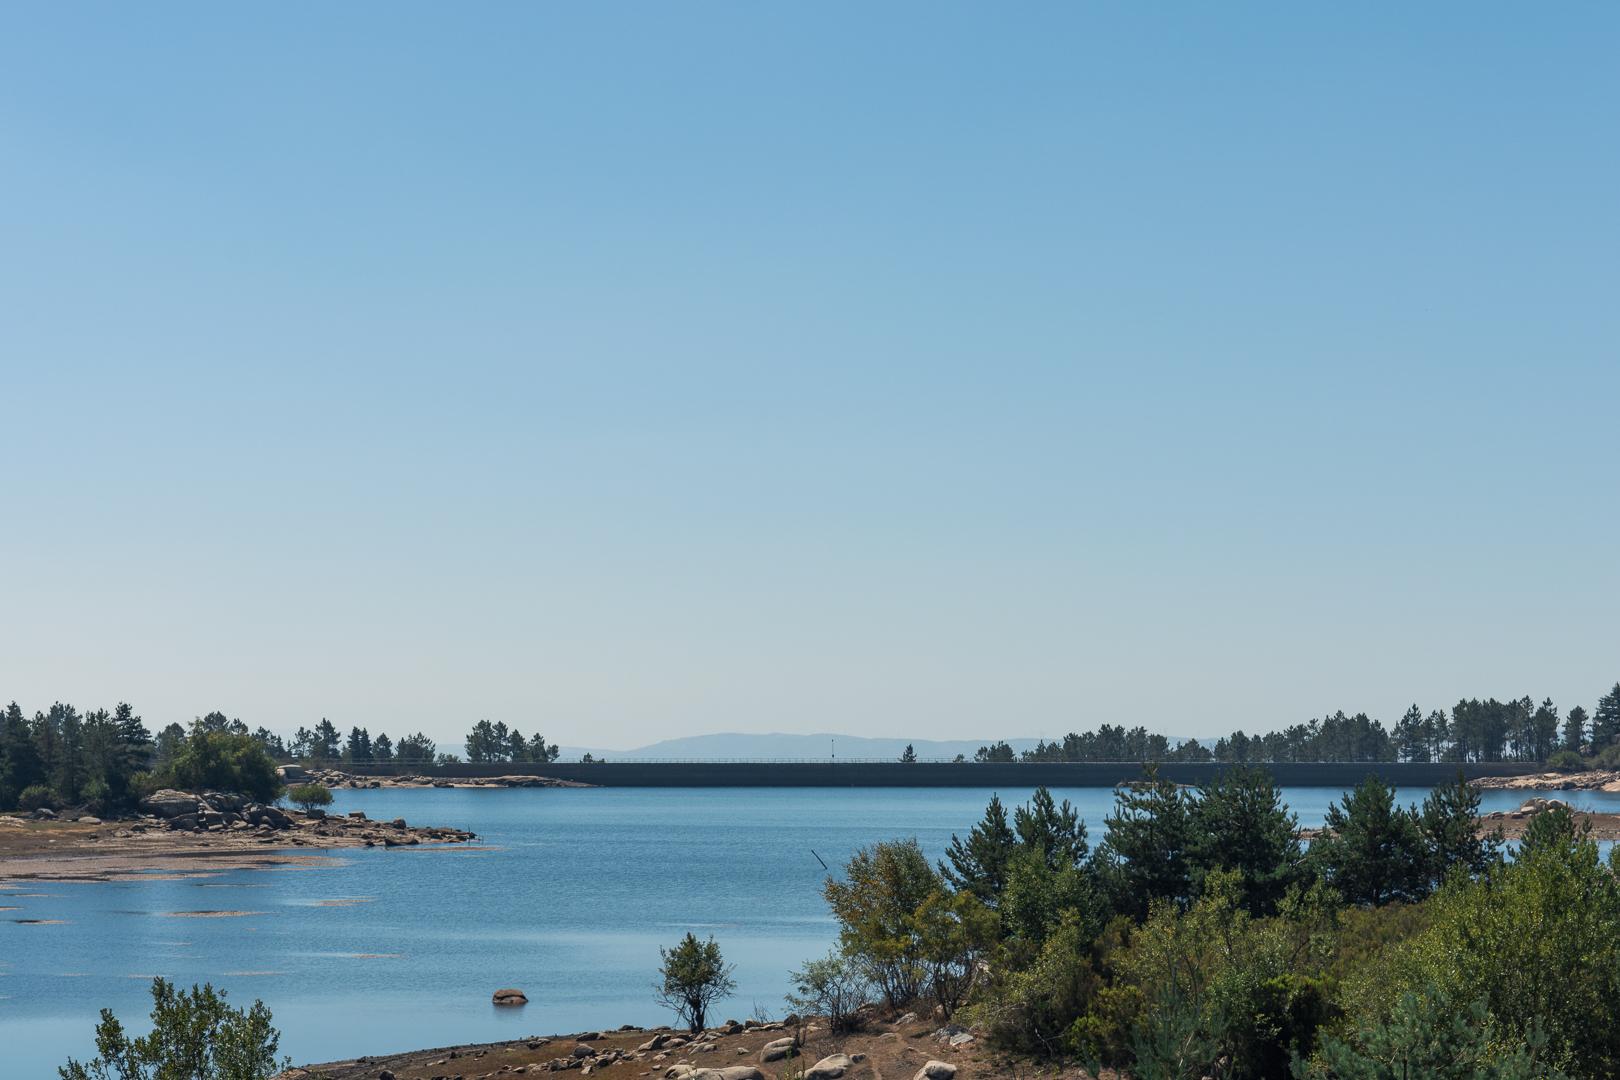 Alvao Dam in Portugal